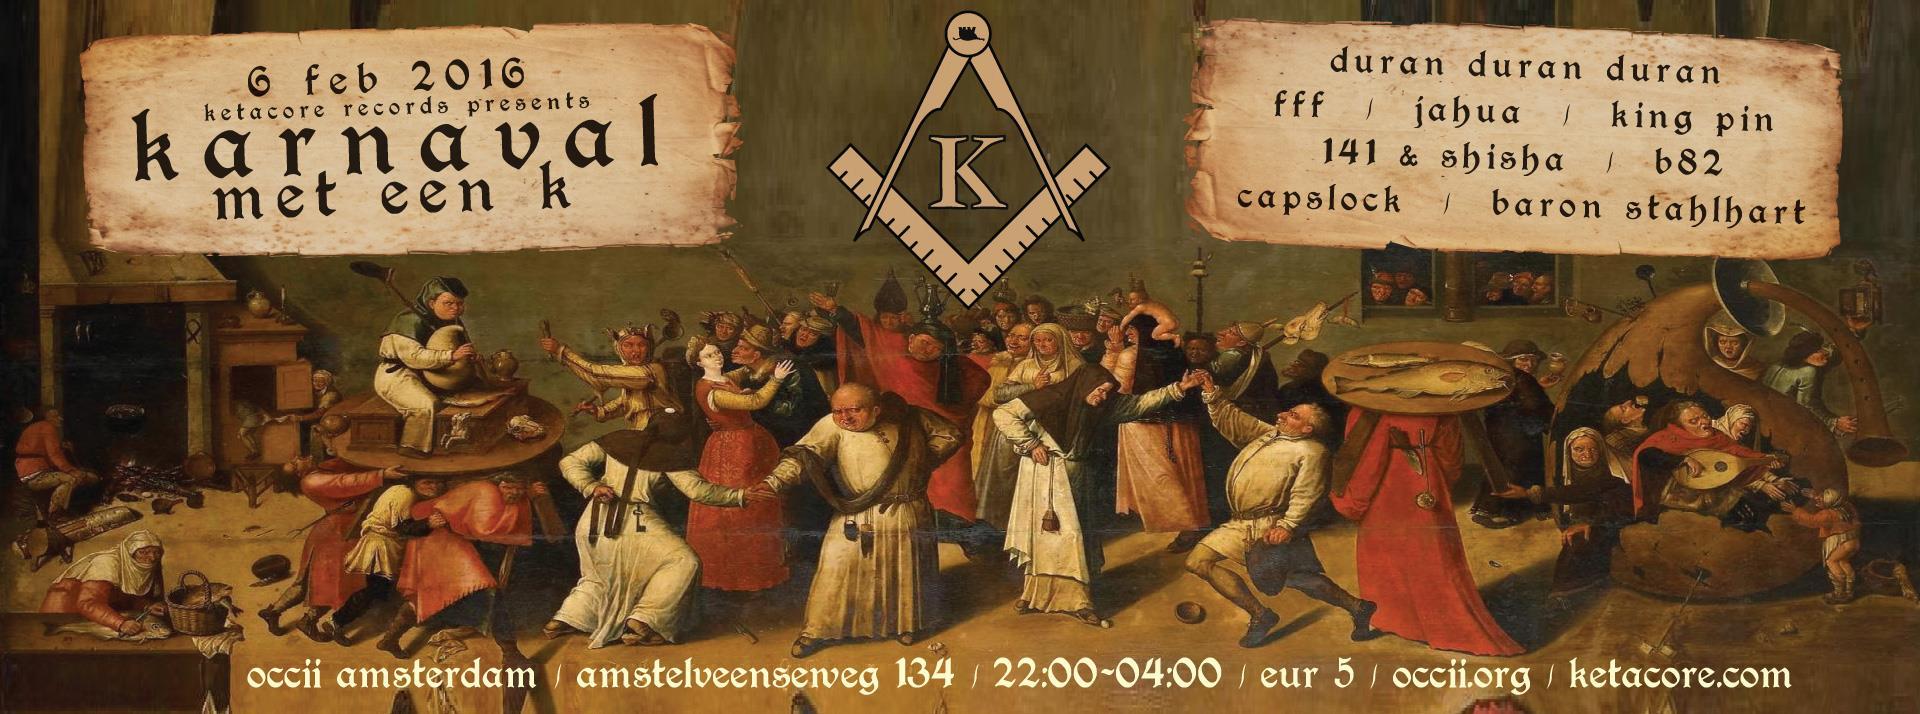 KARNAVAL Met Een 'K'! w/ DURAN DURAN DURAN + FFF + JAHUA + KINGPIN + 141 & SHISHA + CAPSLOCK + BARON STAHLHARD + B82